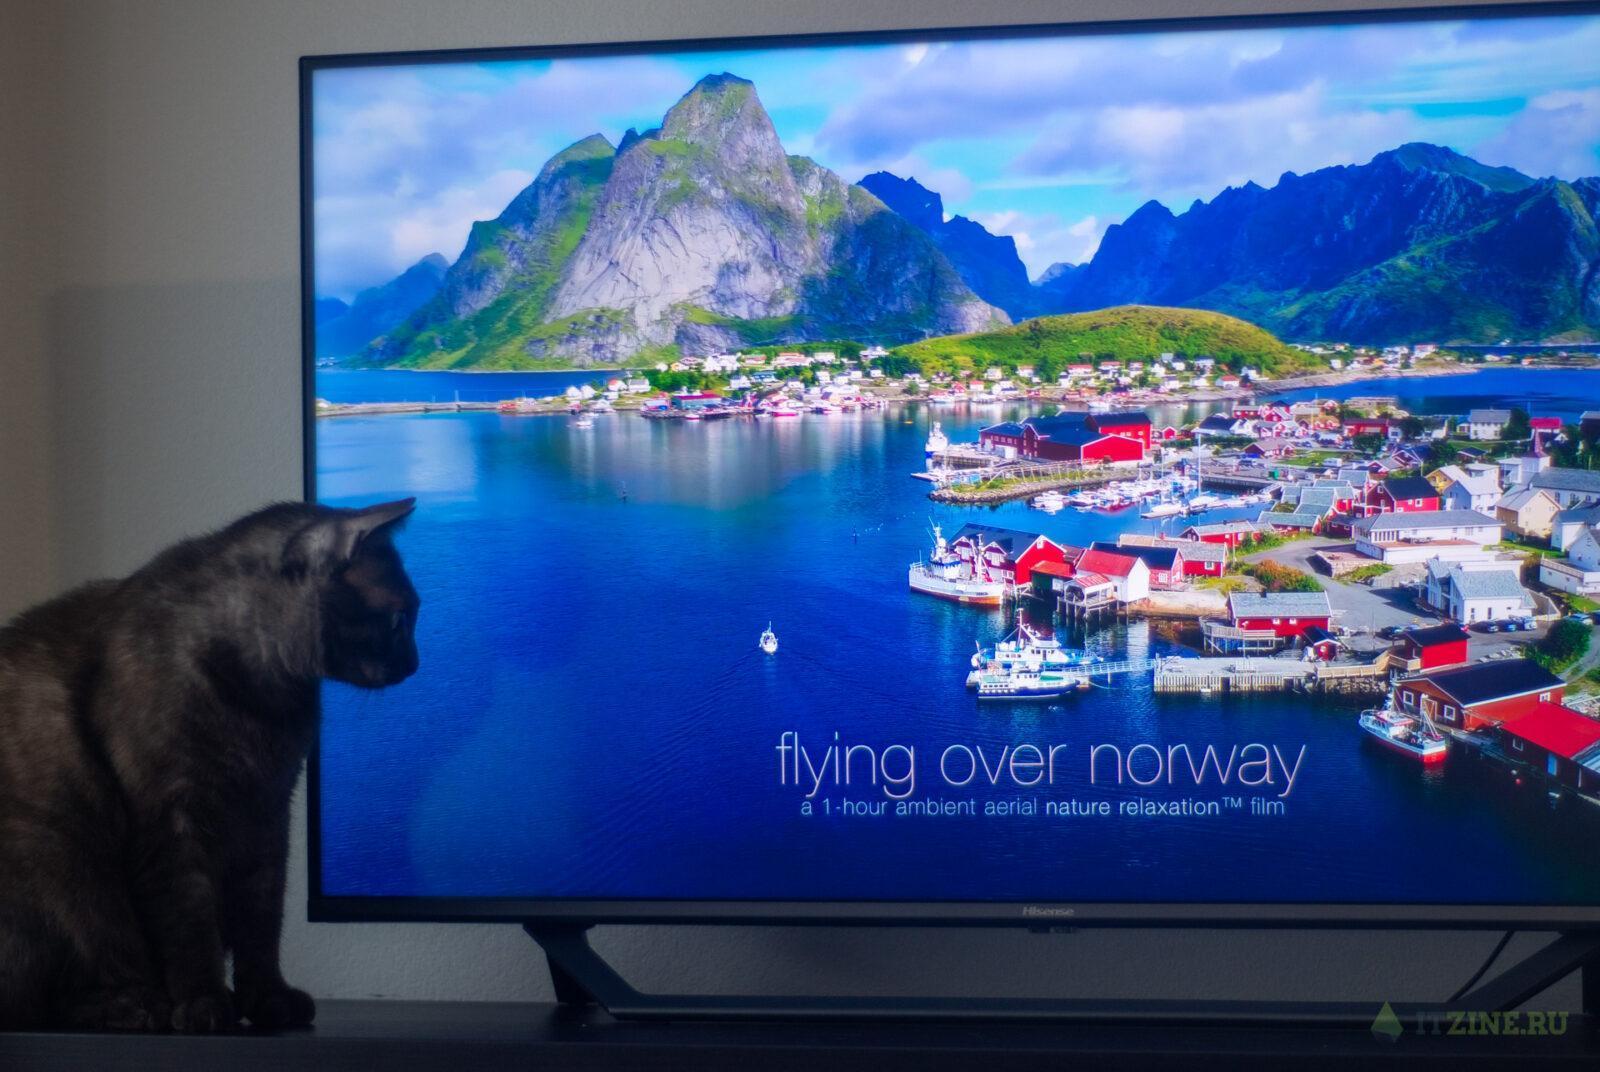 """Обзор телевизора Hisense A7500F 43"""". Выгодная покупка (Hisense TV 28)"""